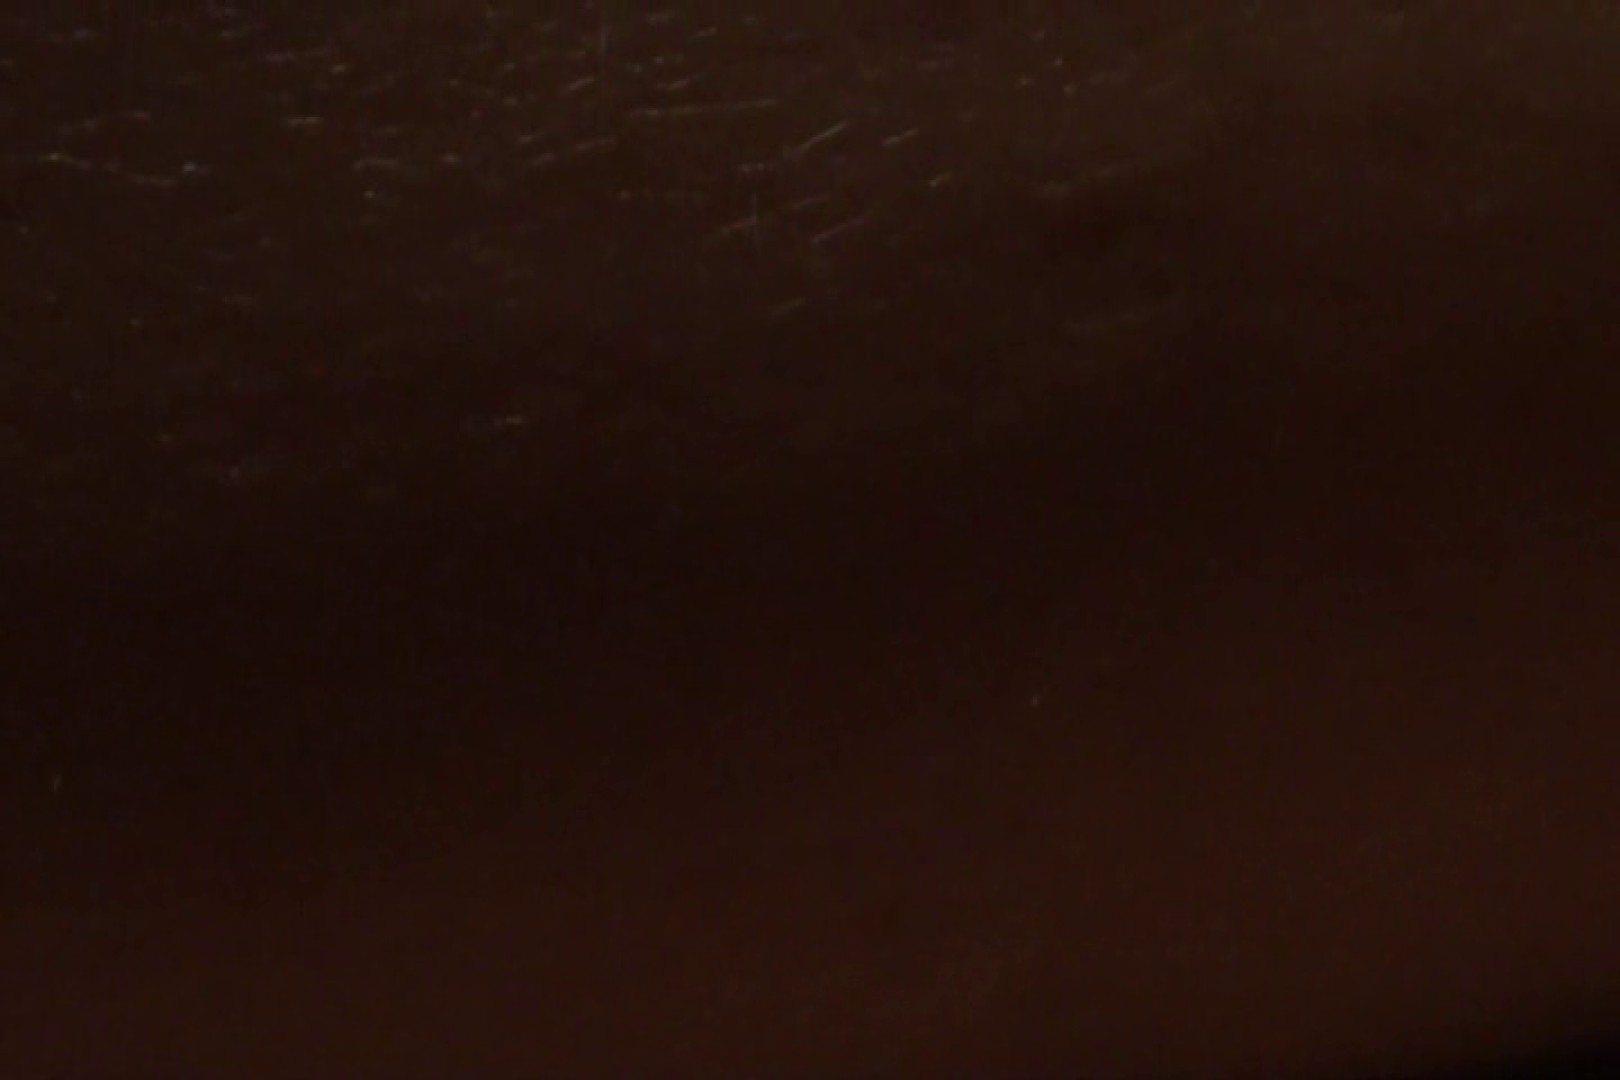 起きません! vol.06 OLハメ撮り  100Pix 57